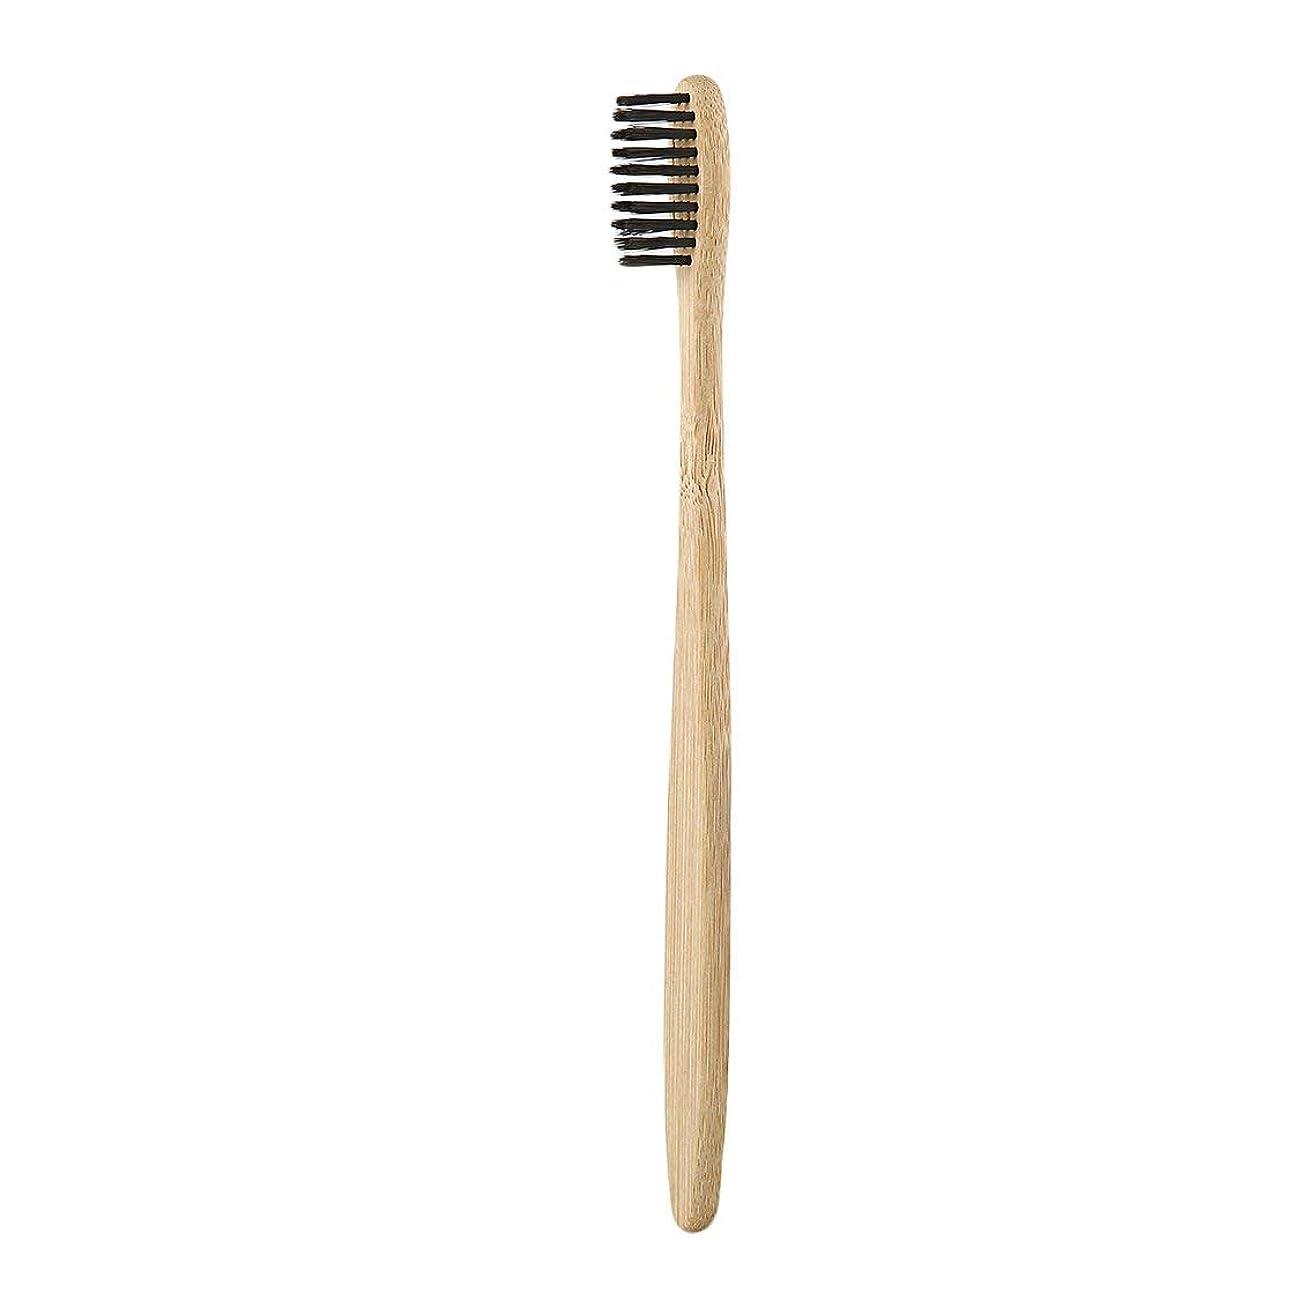 致死ティッシュ船尾ハンドメイドの快適で環境に優しい環境の歯ブラシのタケハンドルの歯ブラシ木炭剛毛健康口頭心配